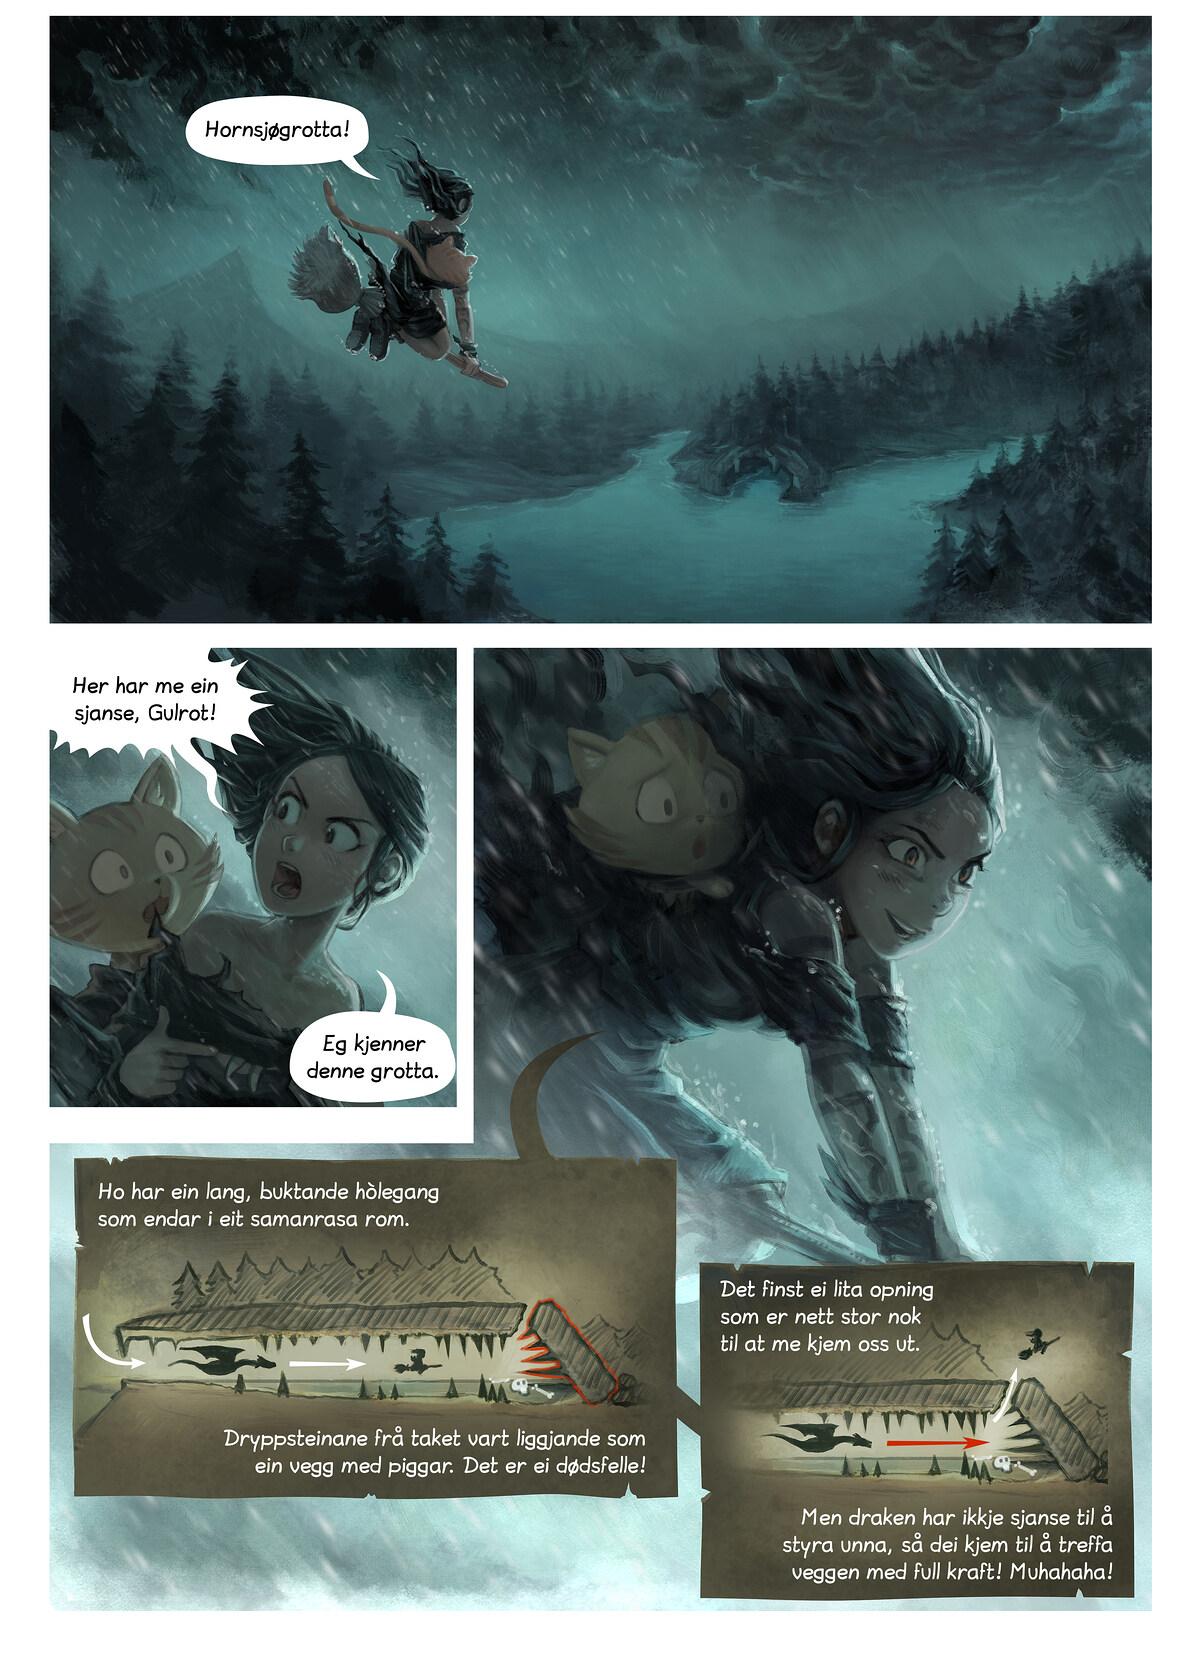 Episode 35: Refleksjonen, Side 6